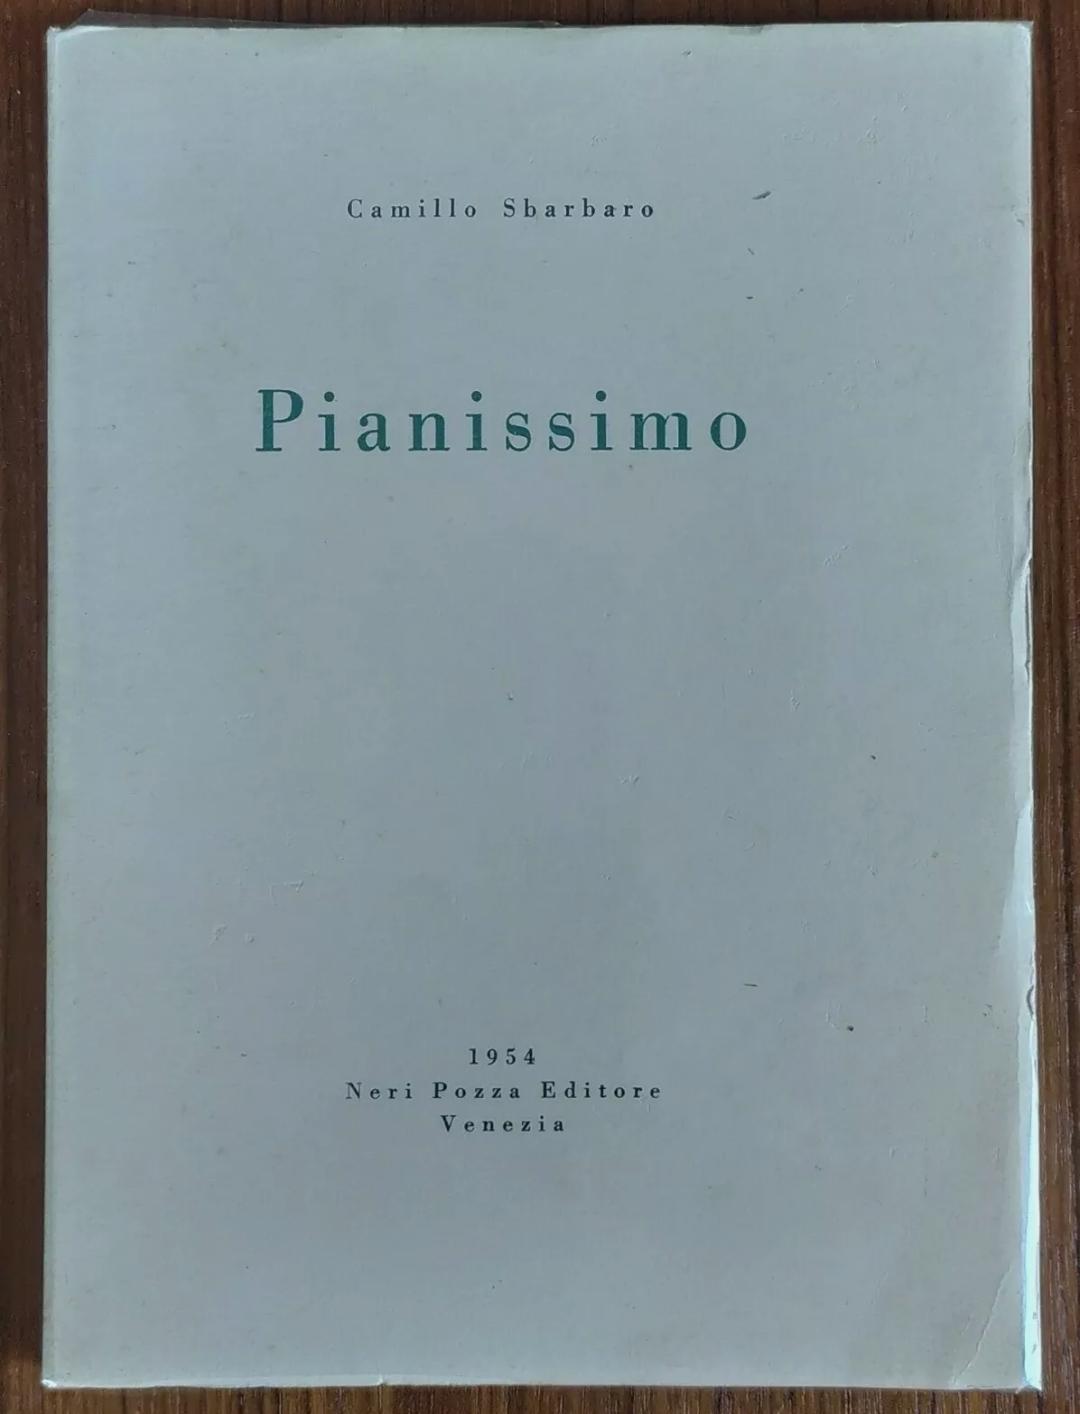 Sbarbaro Camillo. PIANISSIMO. 1954